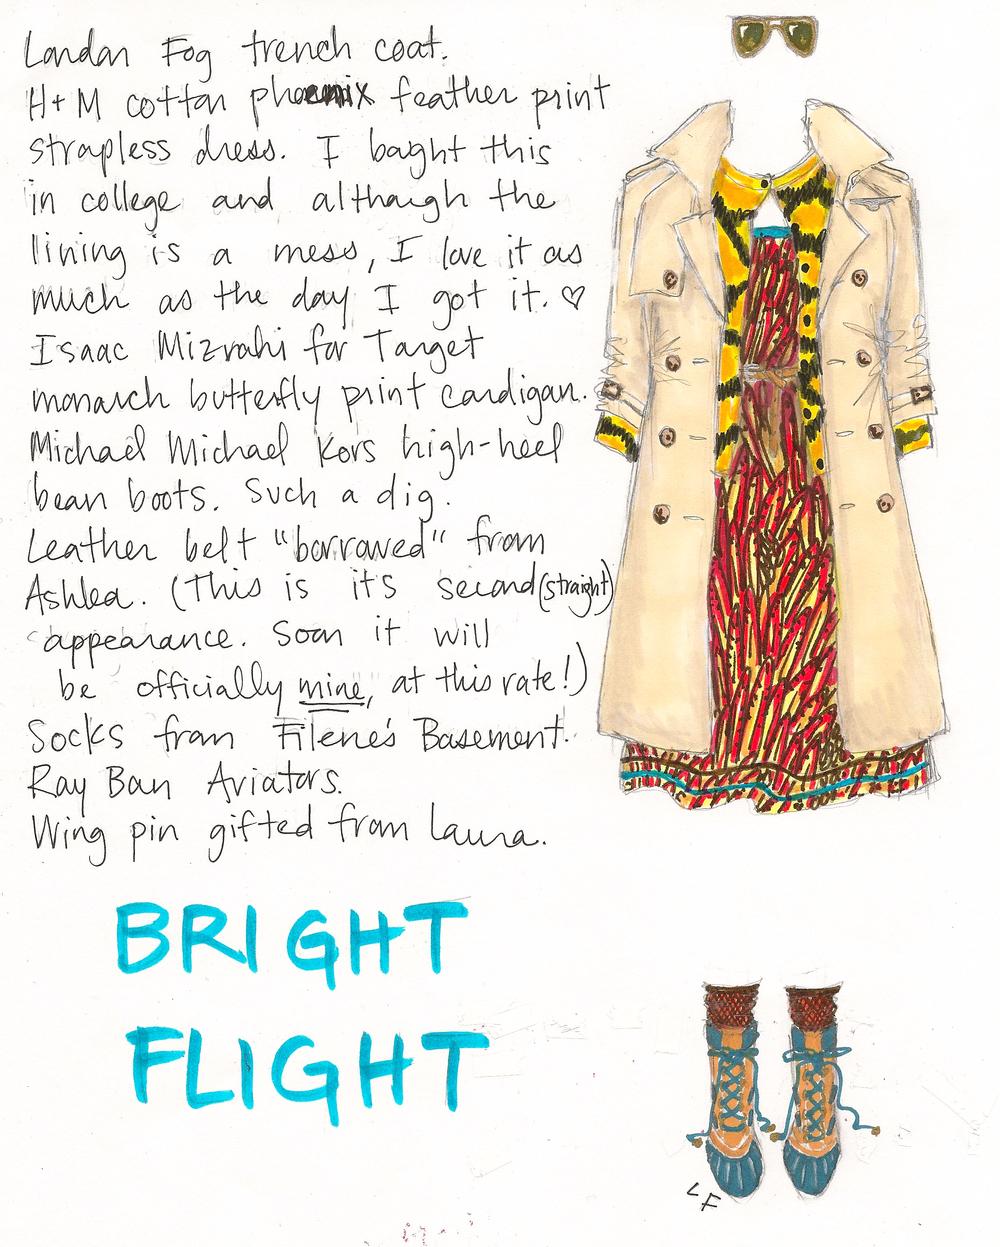 brightflight.jpg